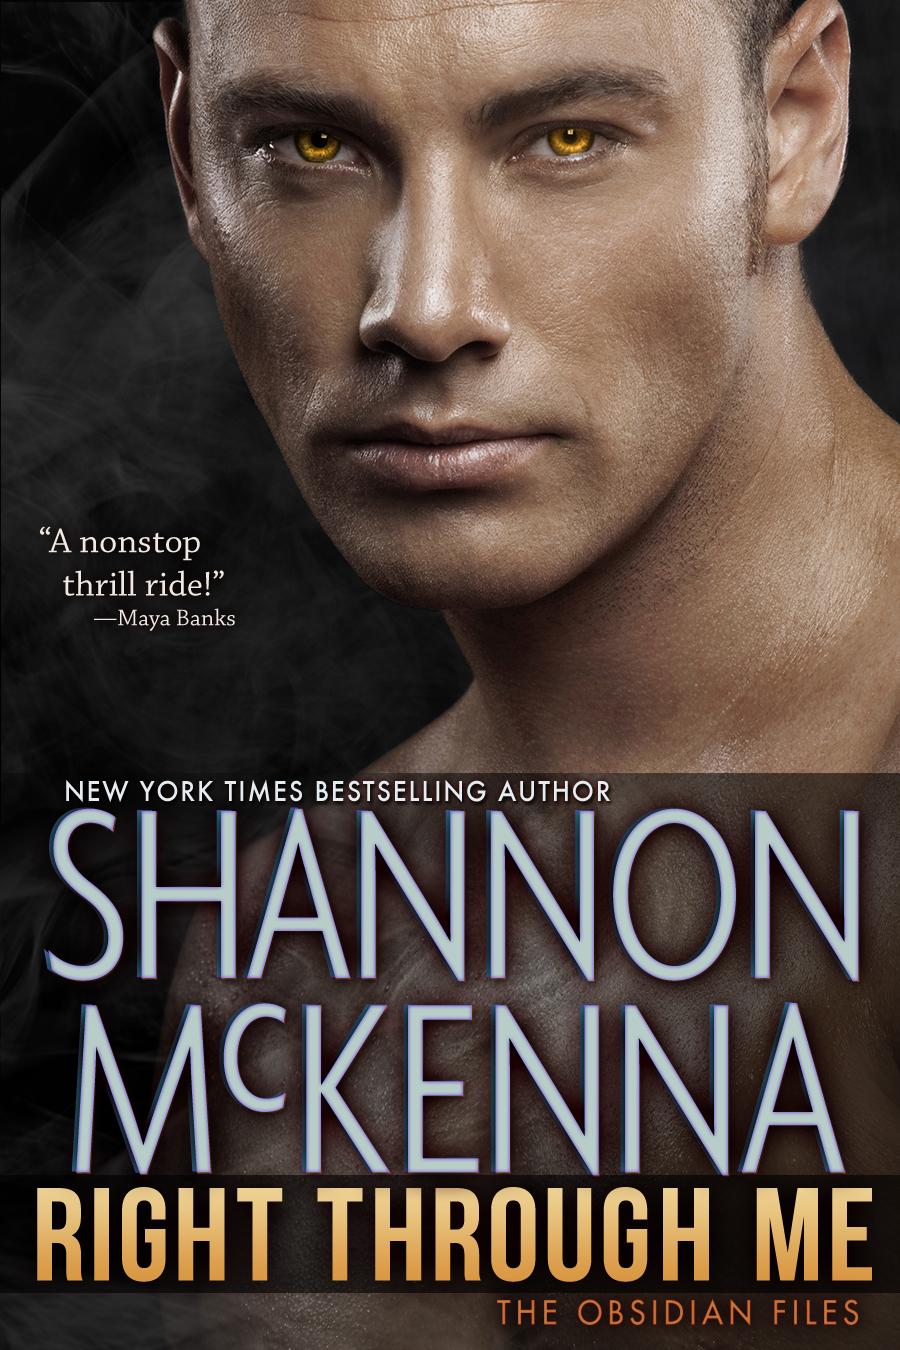 ShannonMcKenna-RightThroughMeFINAL